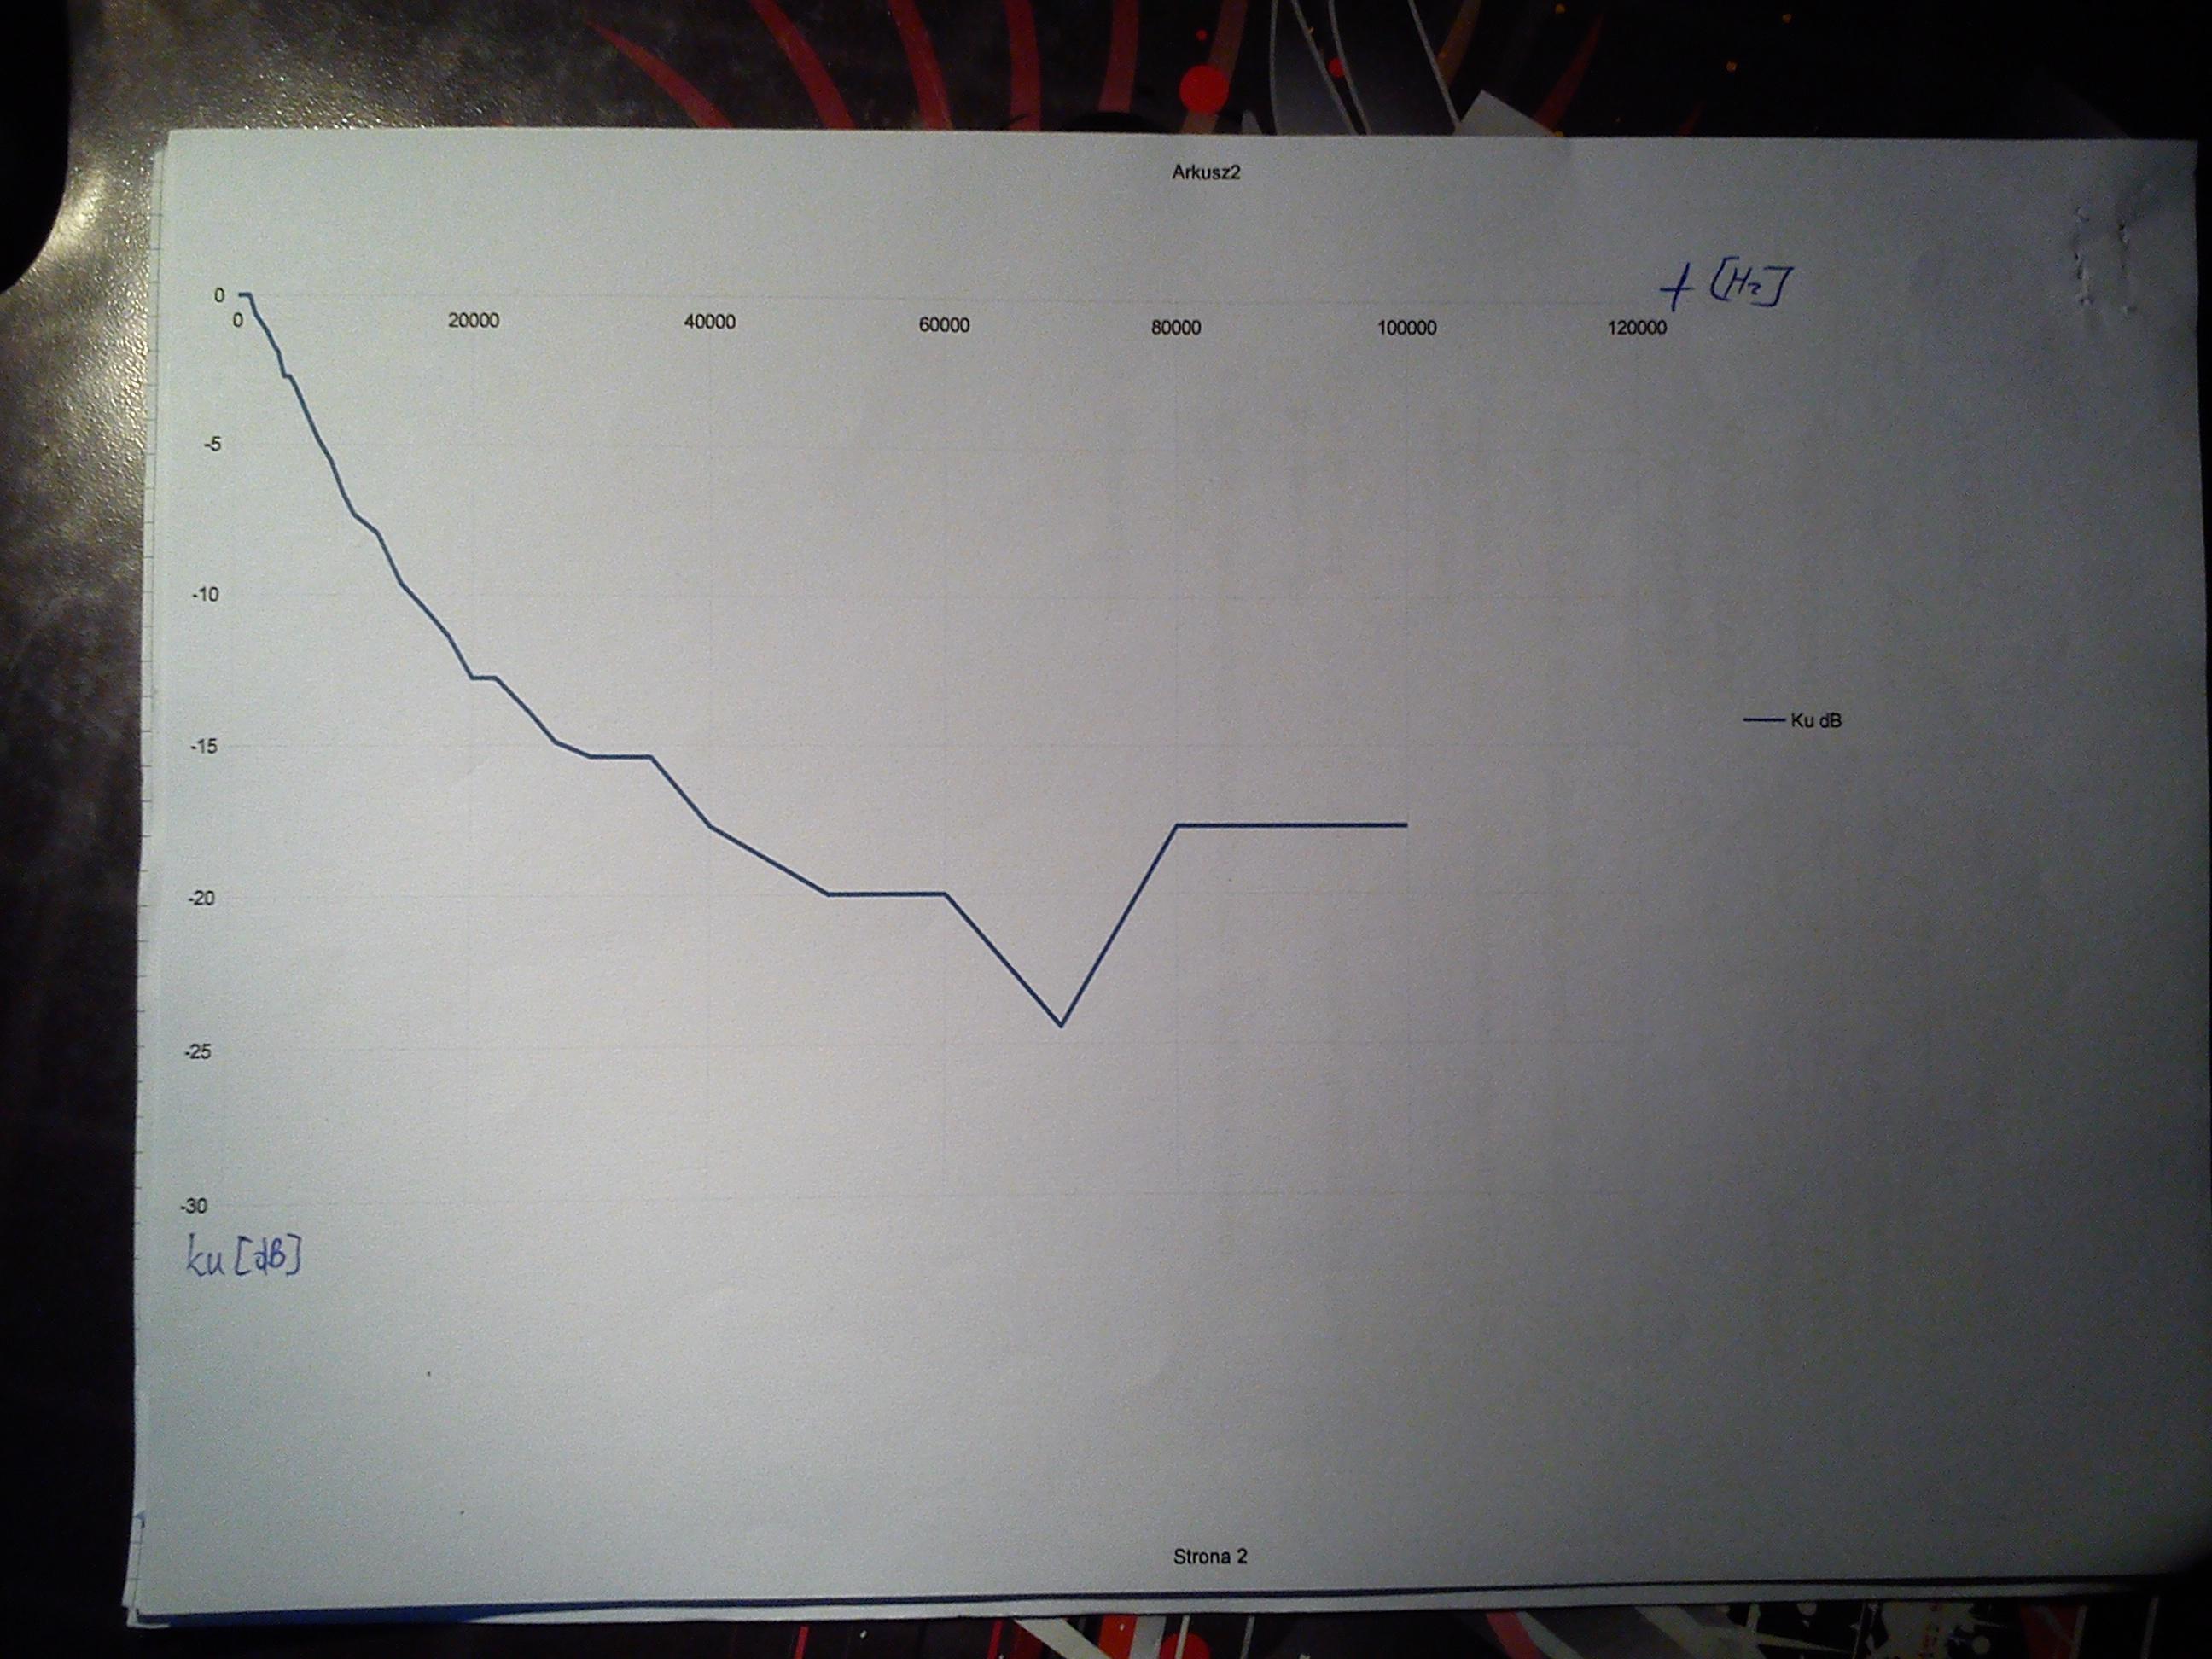 Skala logarytmiczna, czy jest dobrze ?